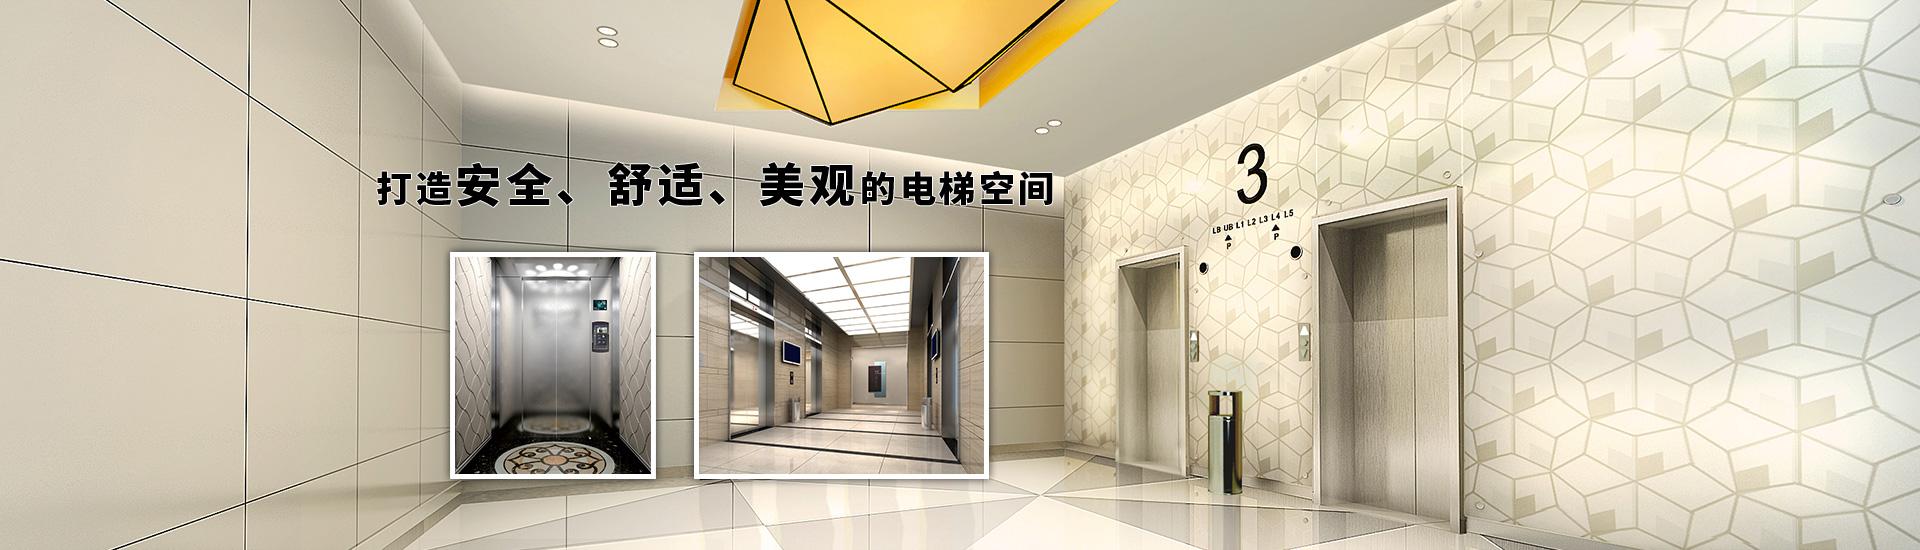 新時達電梯裝潢